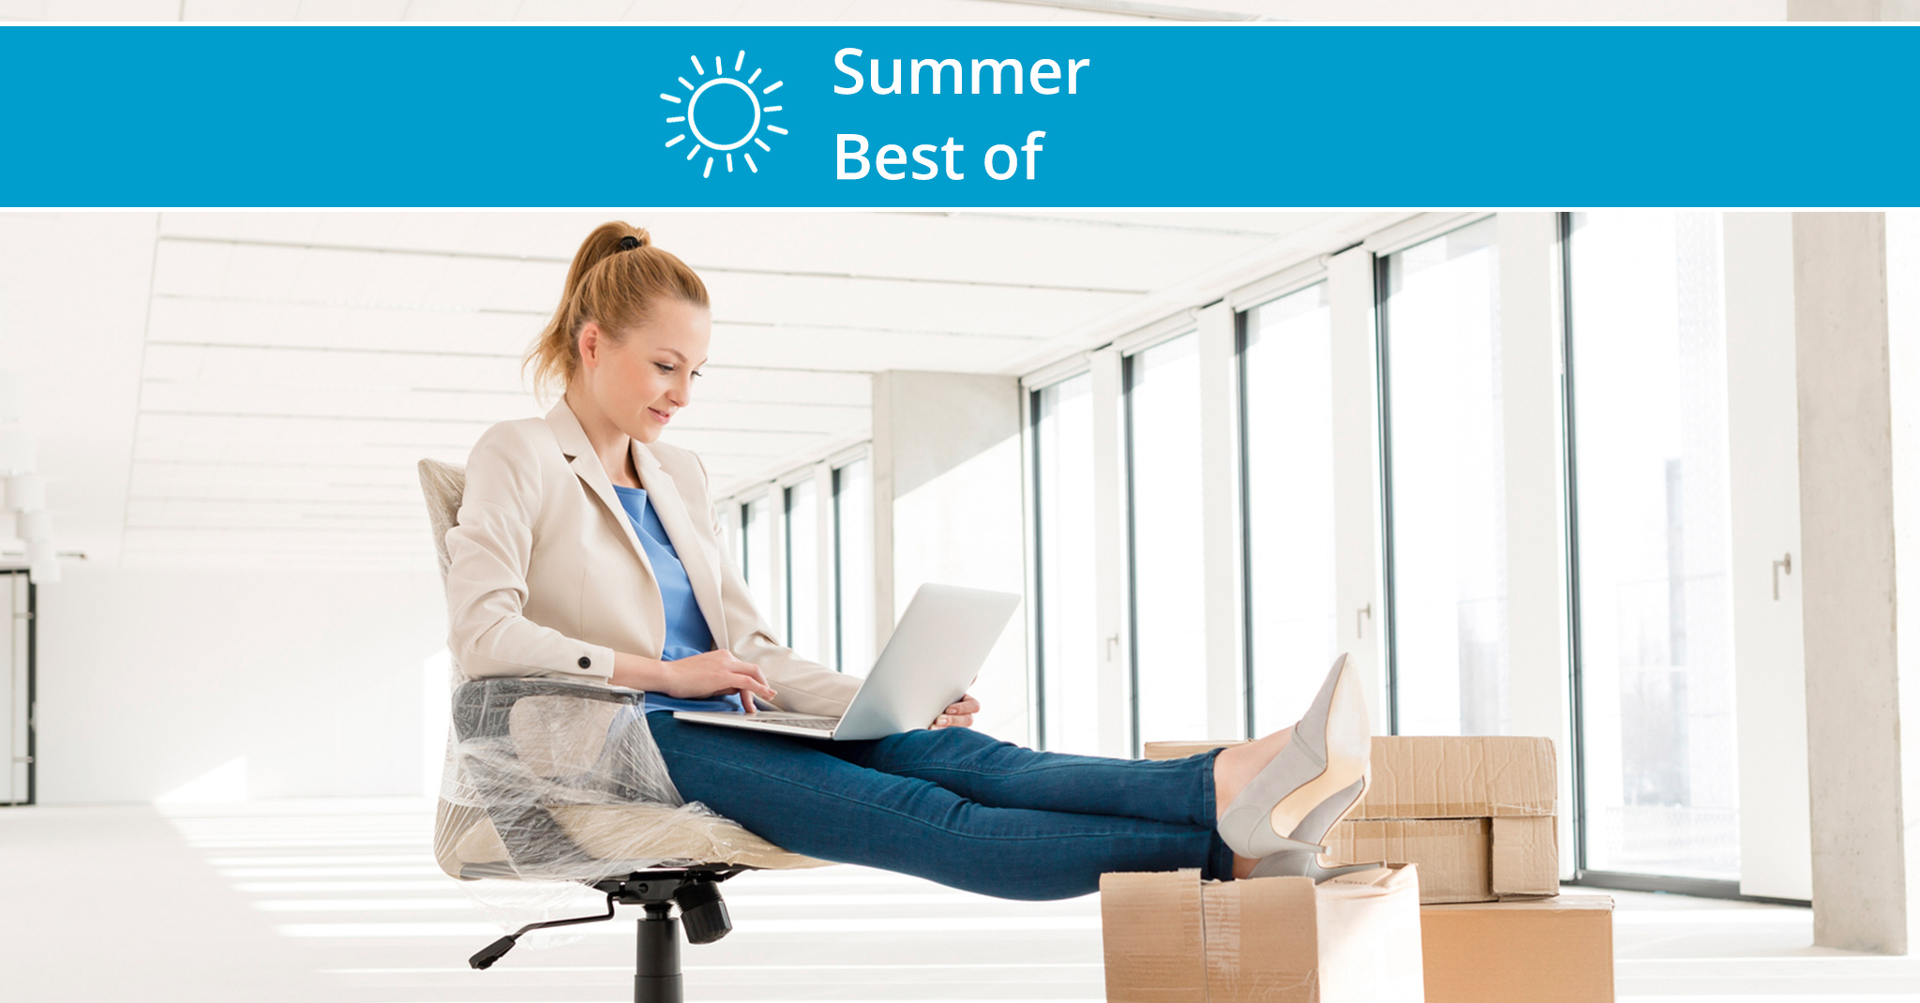 summer-best-of-demenager-entreprise